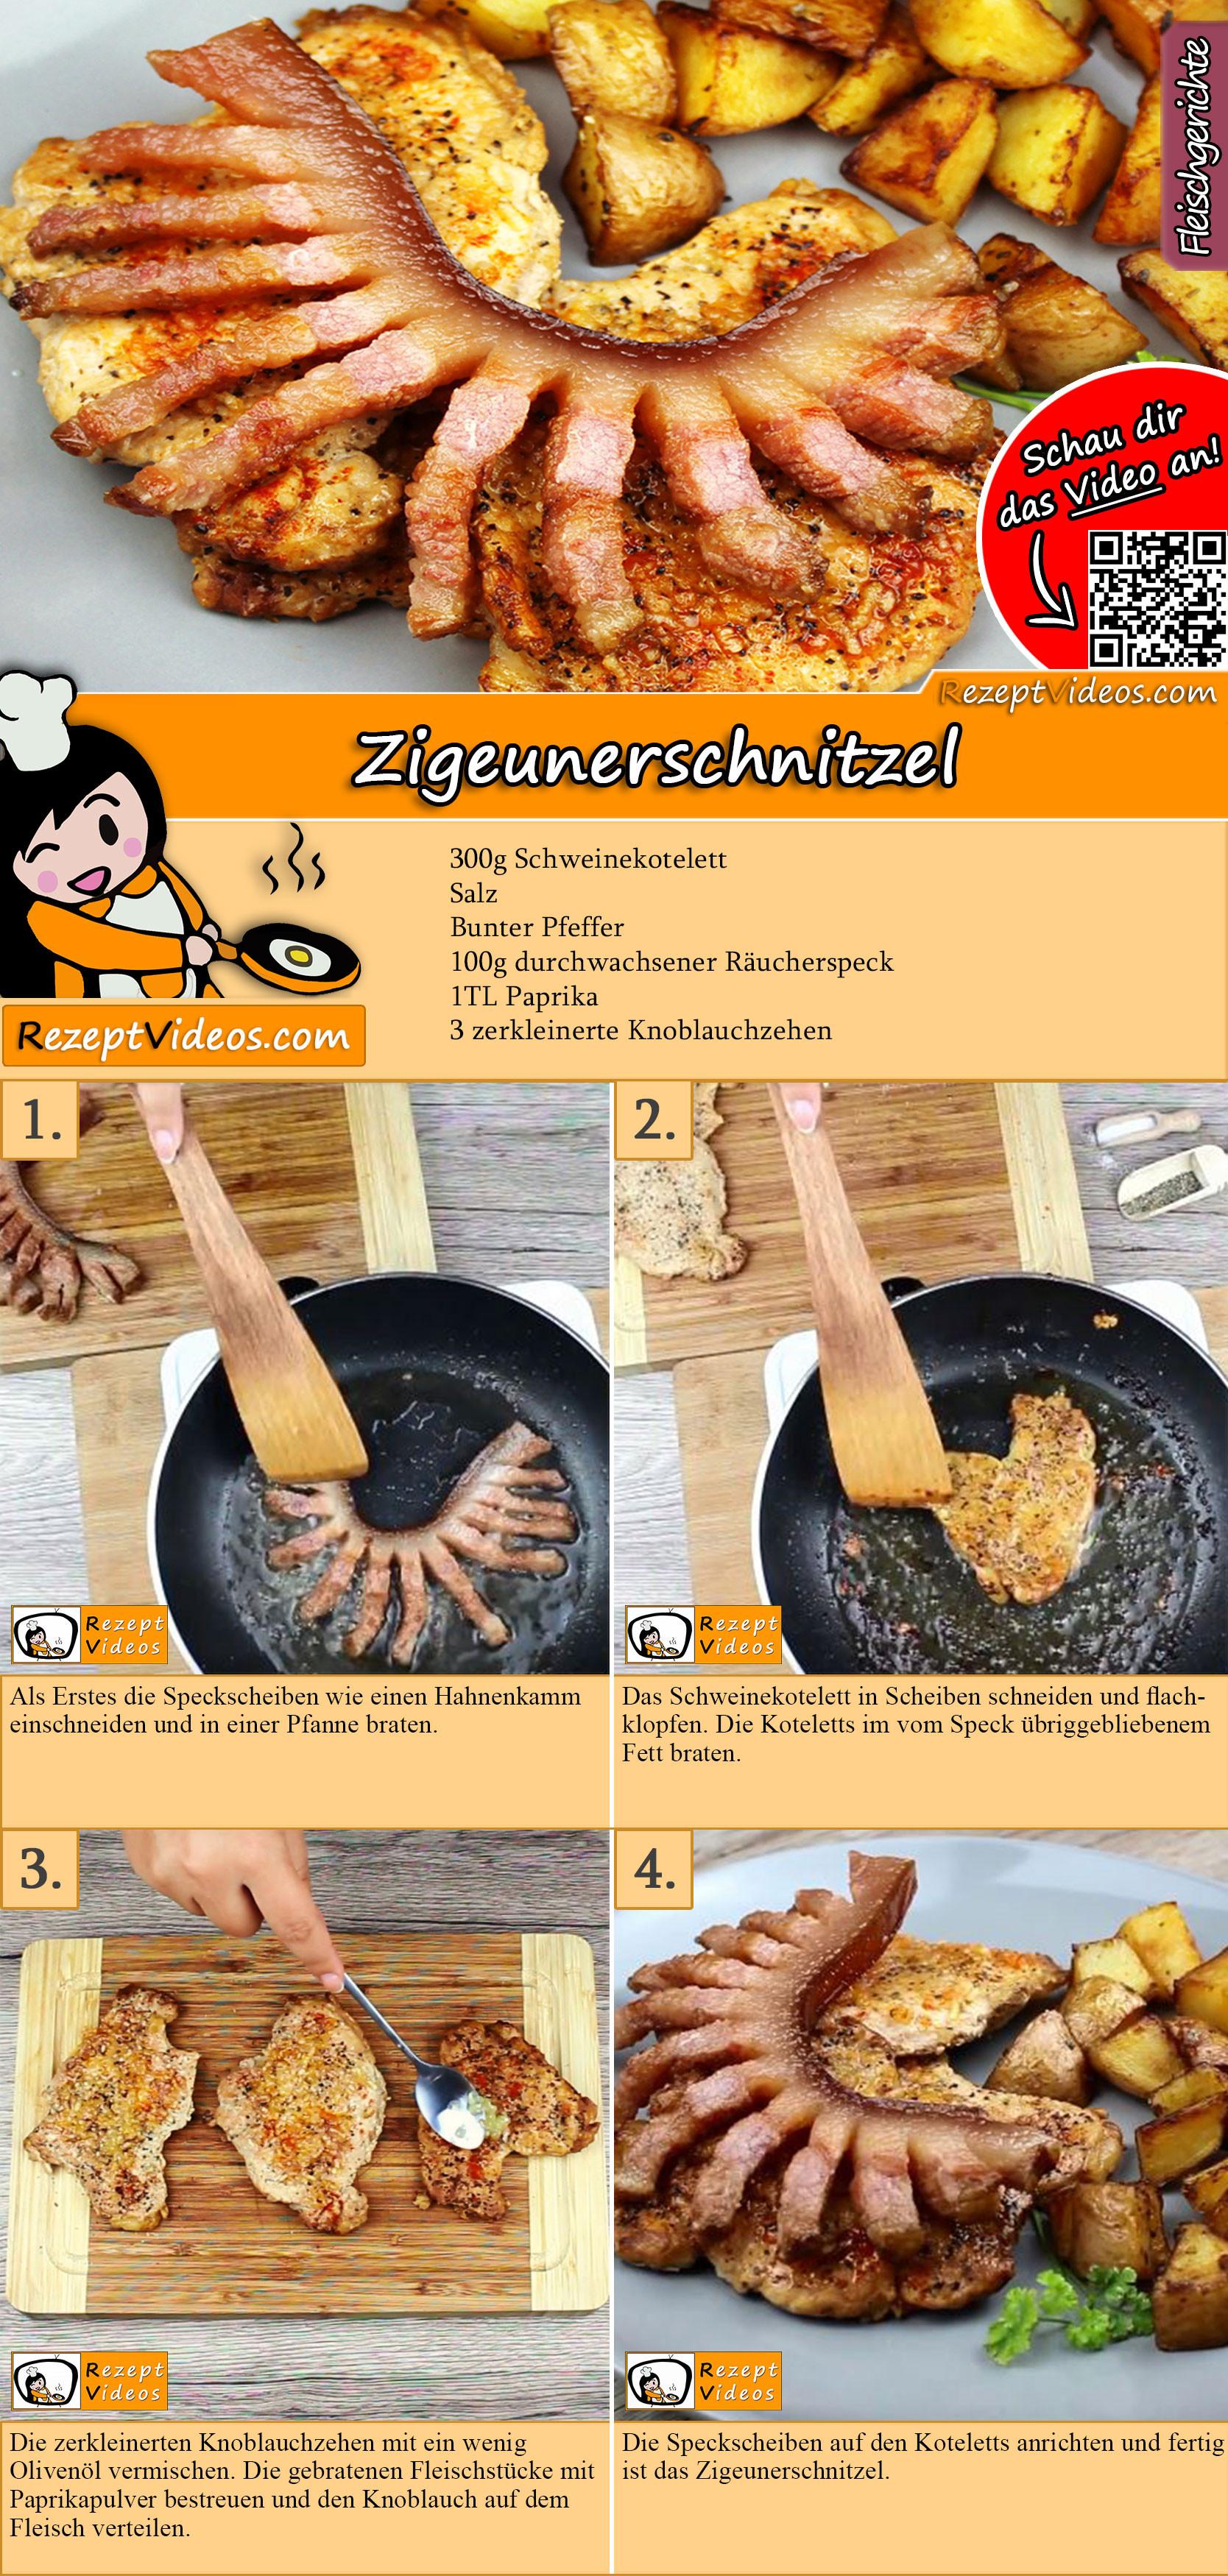 Zigeunerschnitzel Rezept mit Video